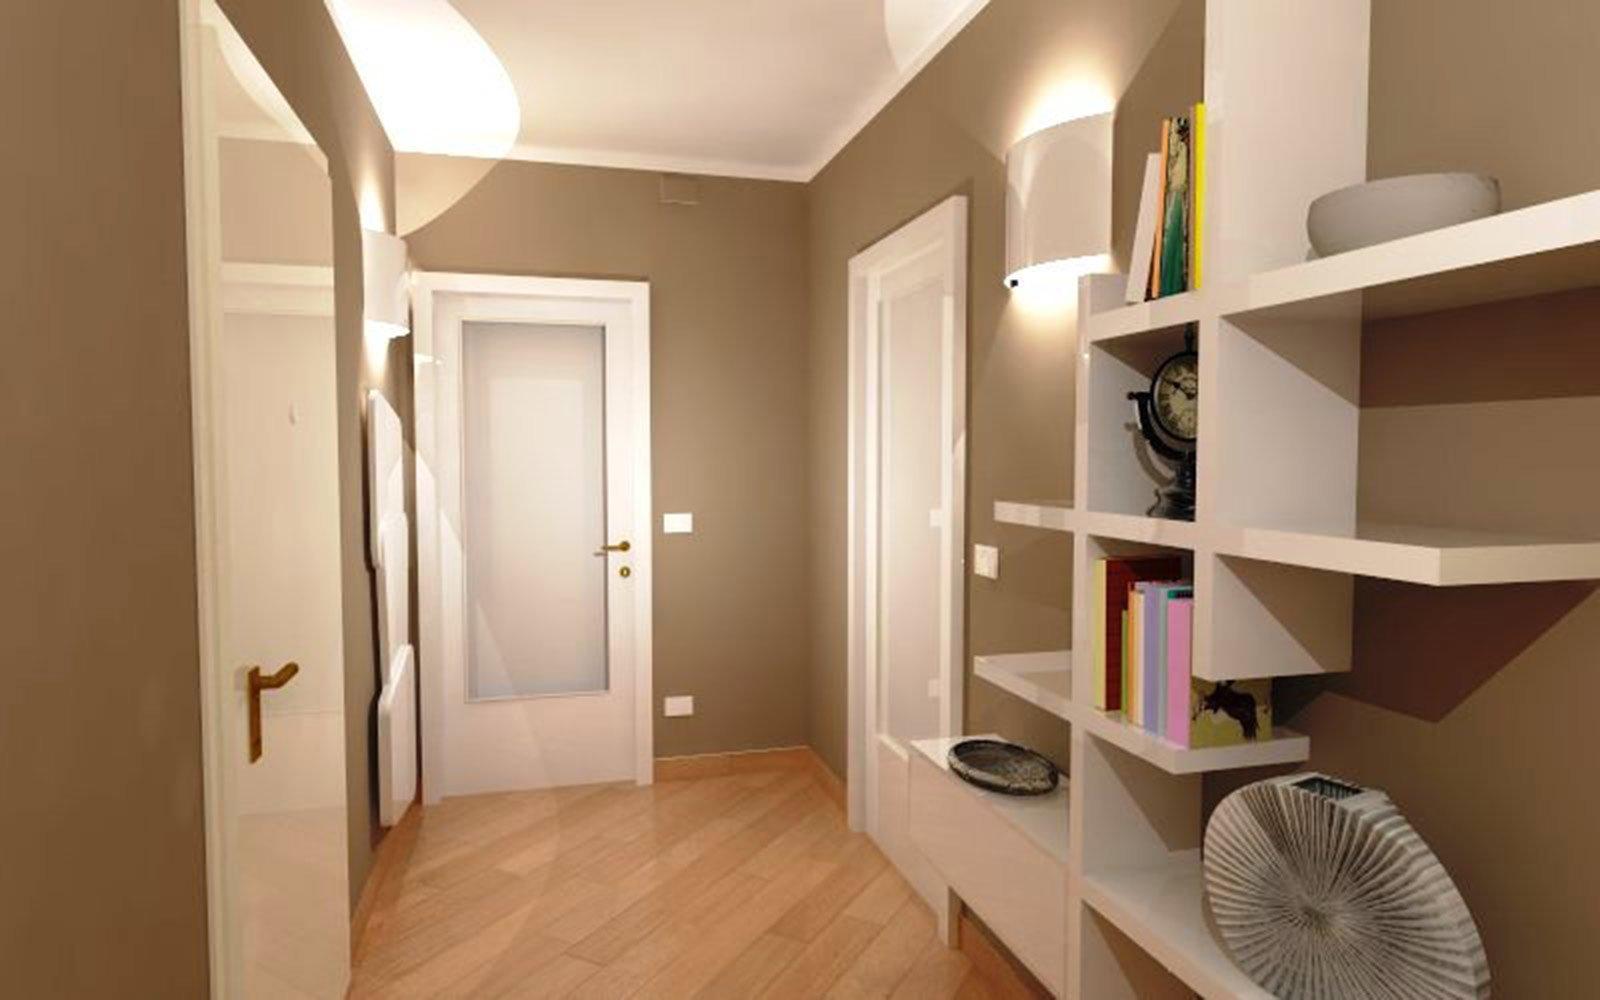 Corridoio quali finiture per pavimento e porte cose di - Pavimenti laminato ikea ...